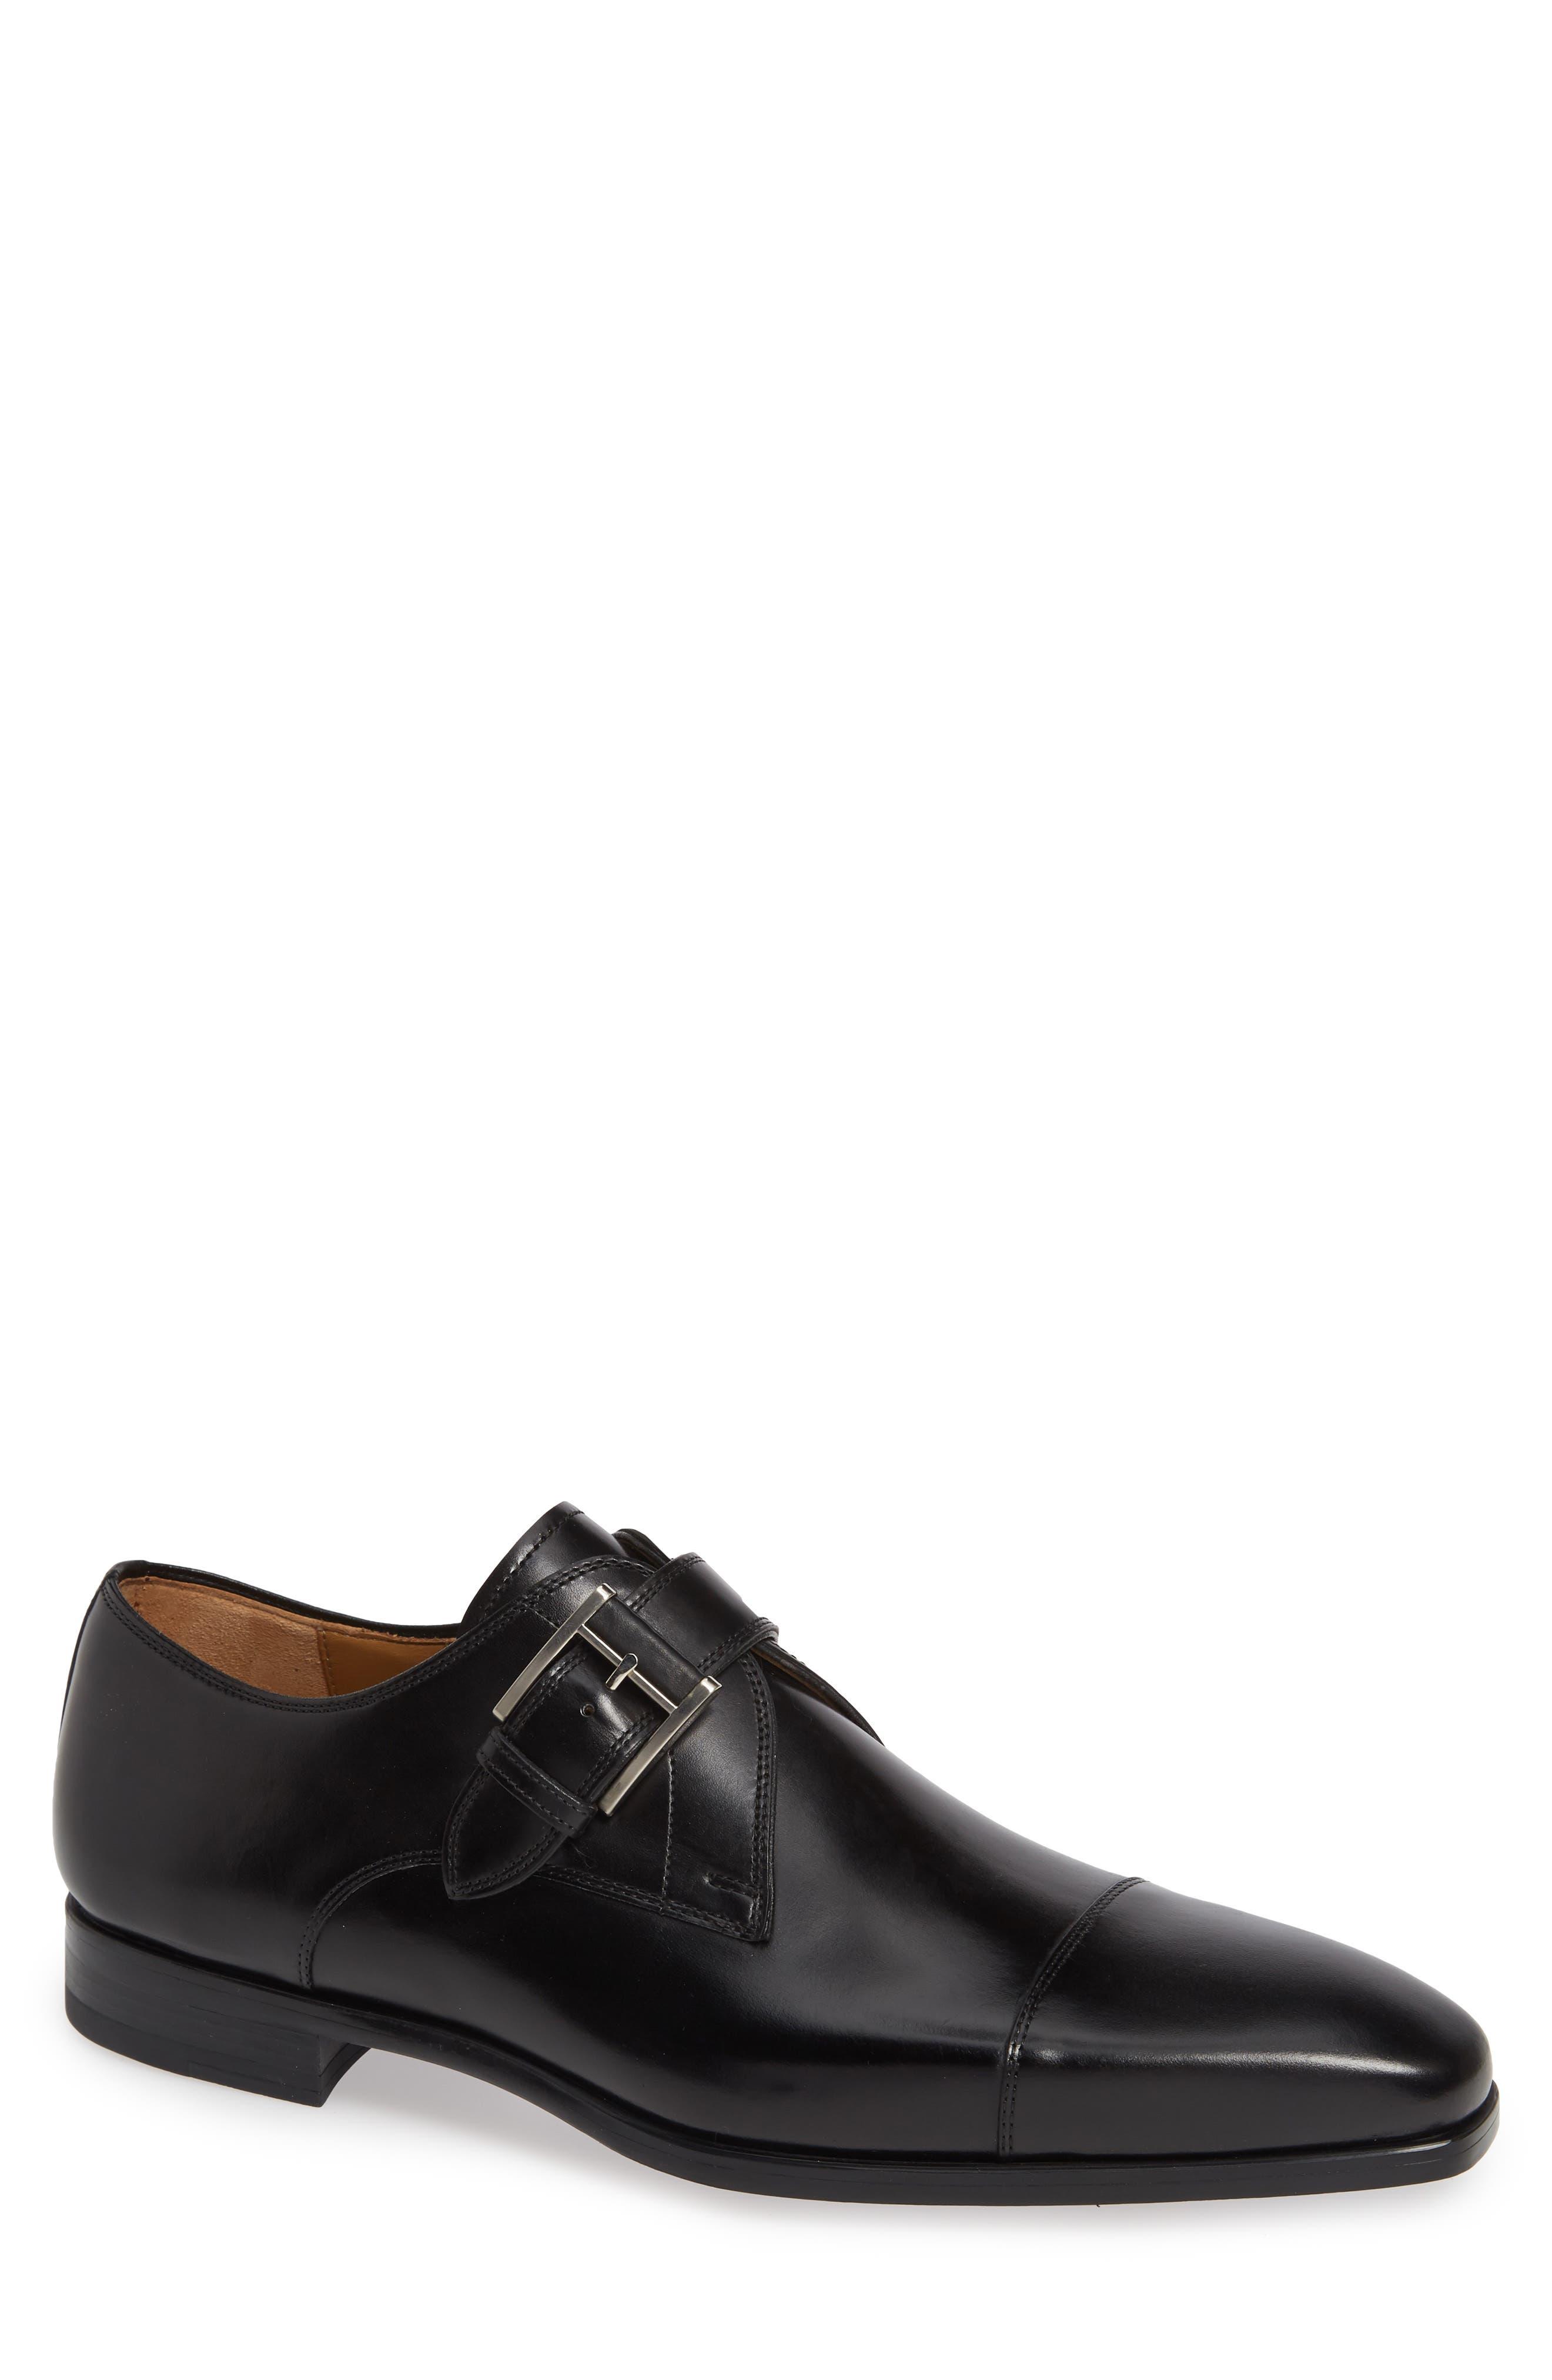 Patricio Monk Strap Shoe,                             Main thumbnail 1, color,                             BLACK LEATHER